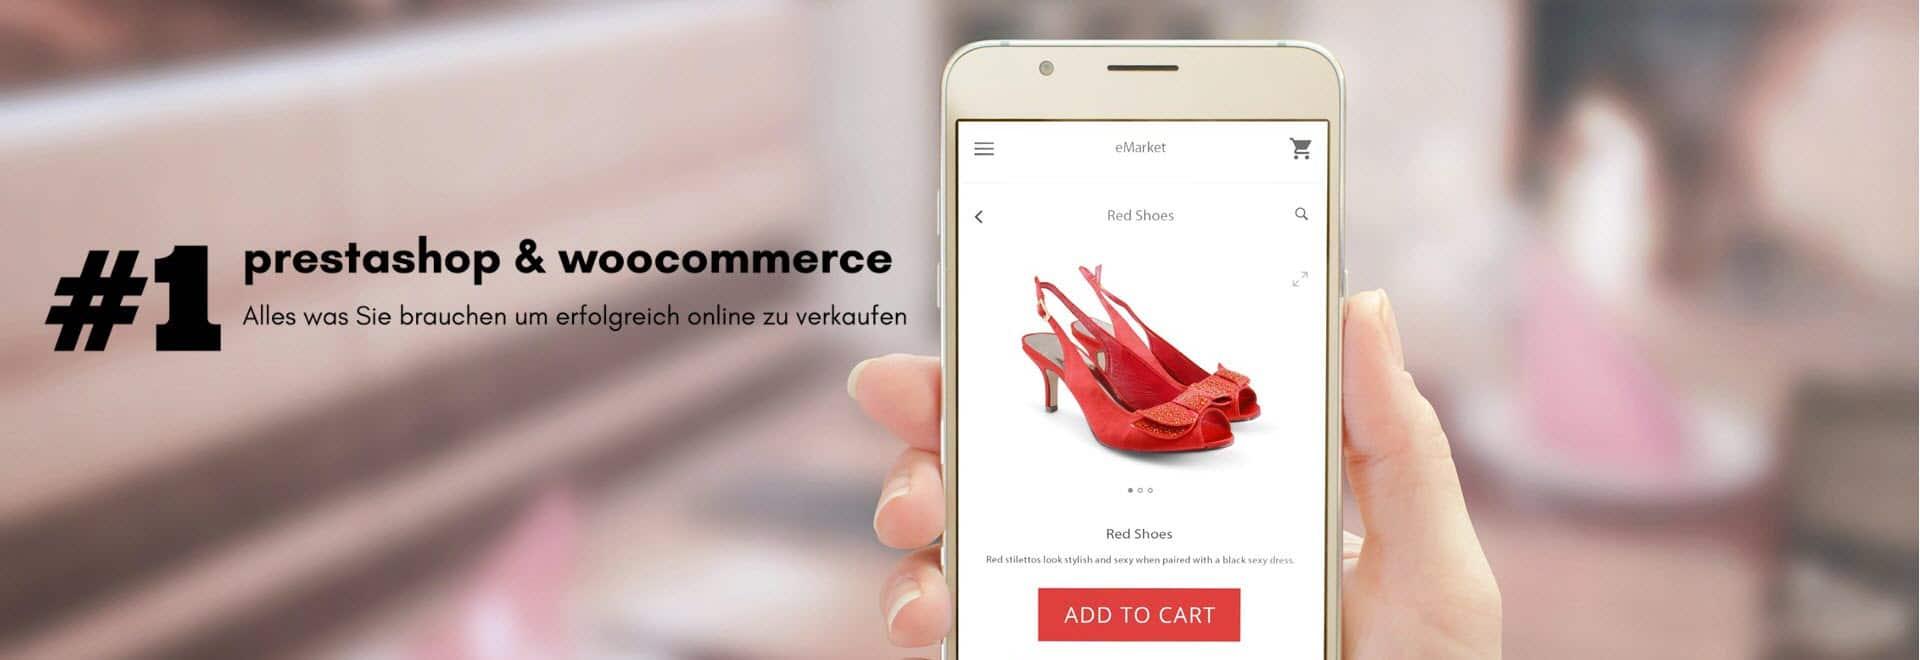 perfekter online-shop mit Prestashop und Woocommerce